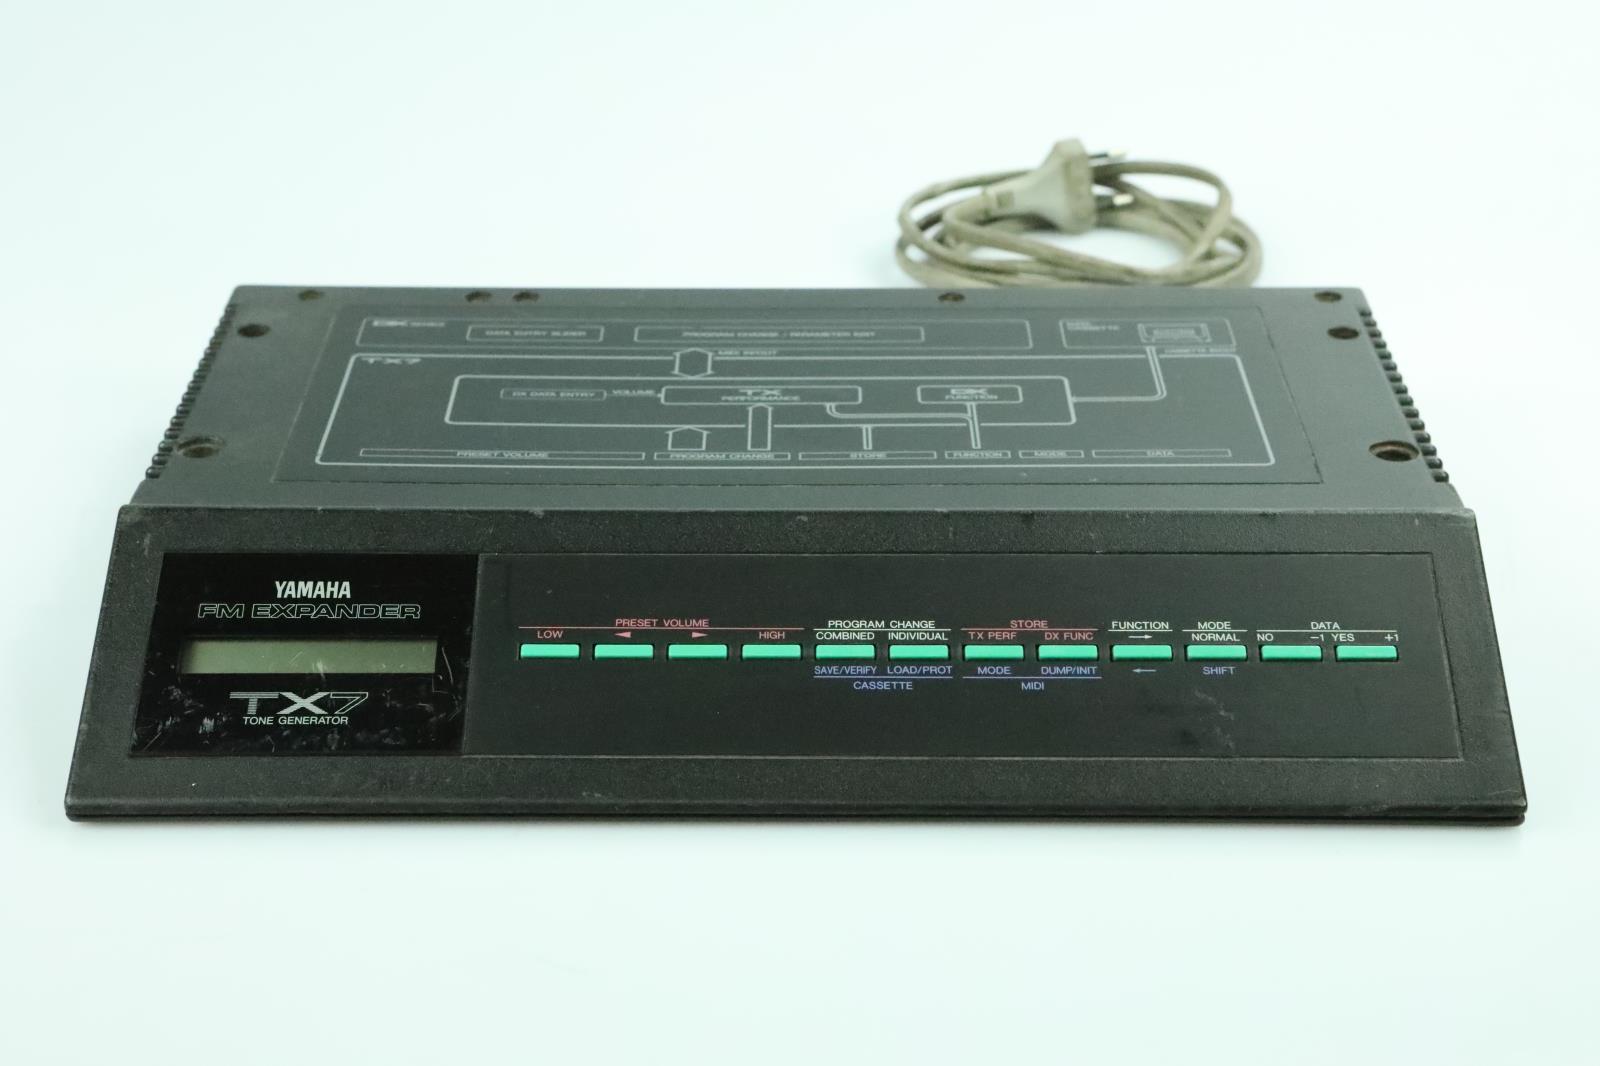 Yamaha TX7 Tone Generator FM Expander Owned by Anthony Gonzalez M83 #34110